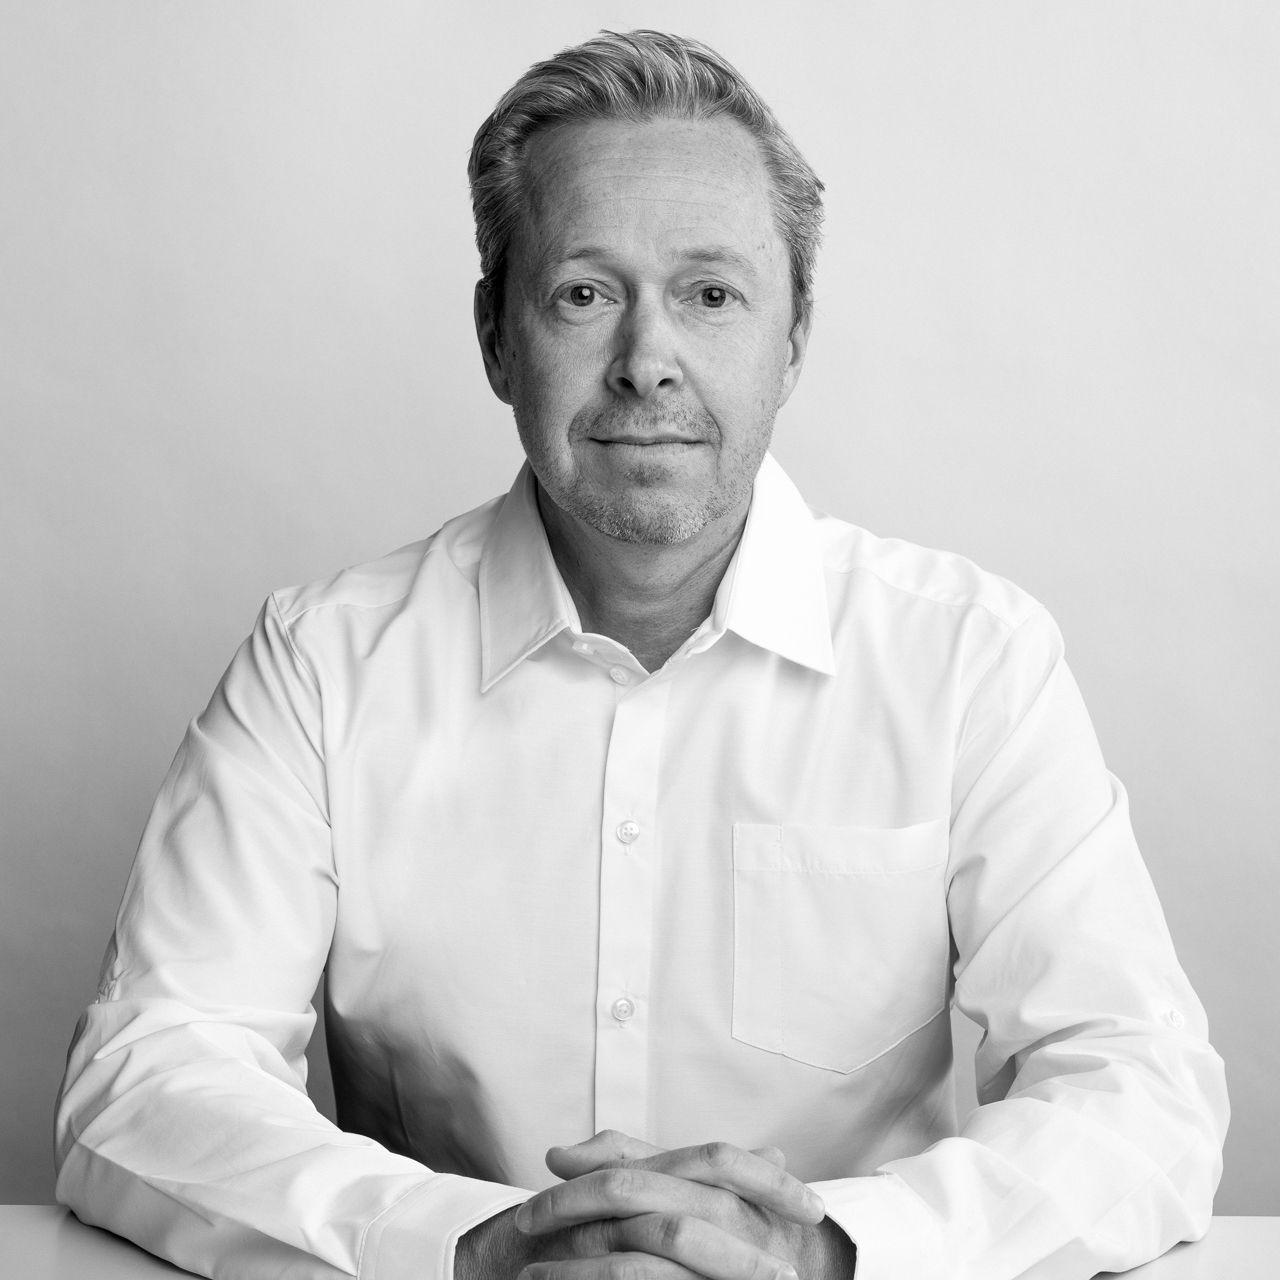 Arto Pitkänen